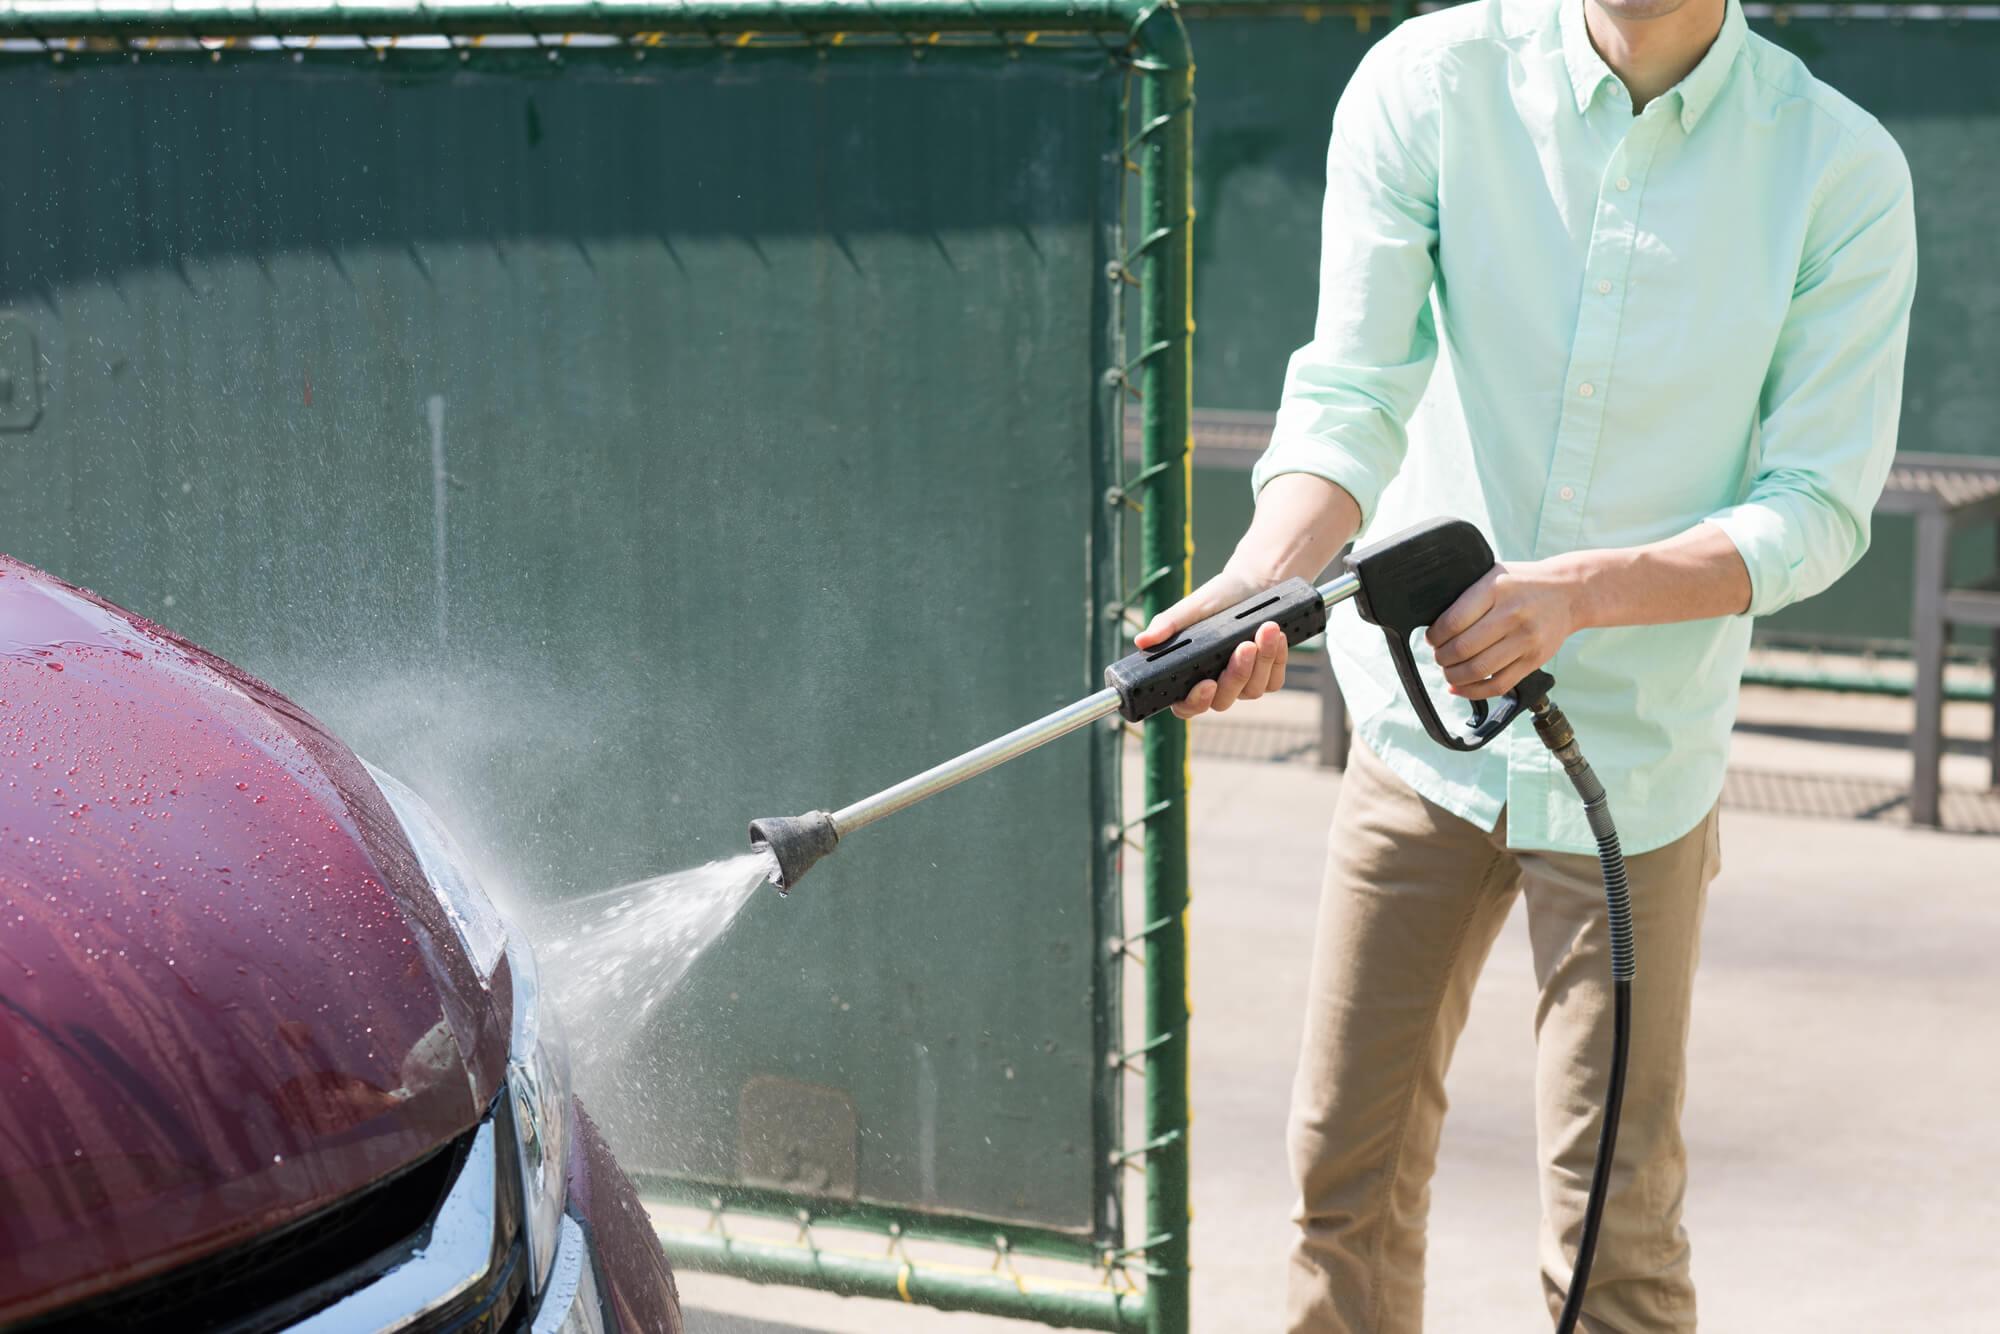 高圧洗浄機 洗車 ブログ06